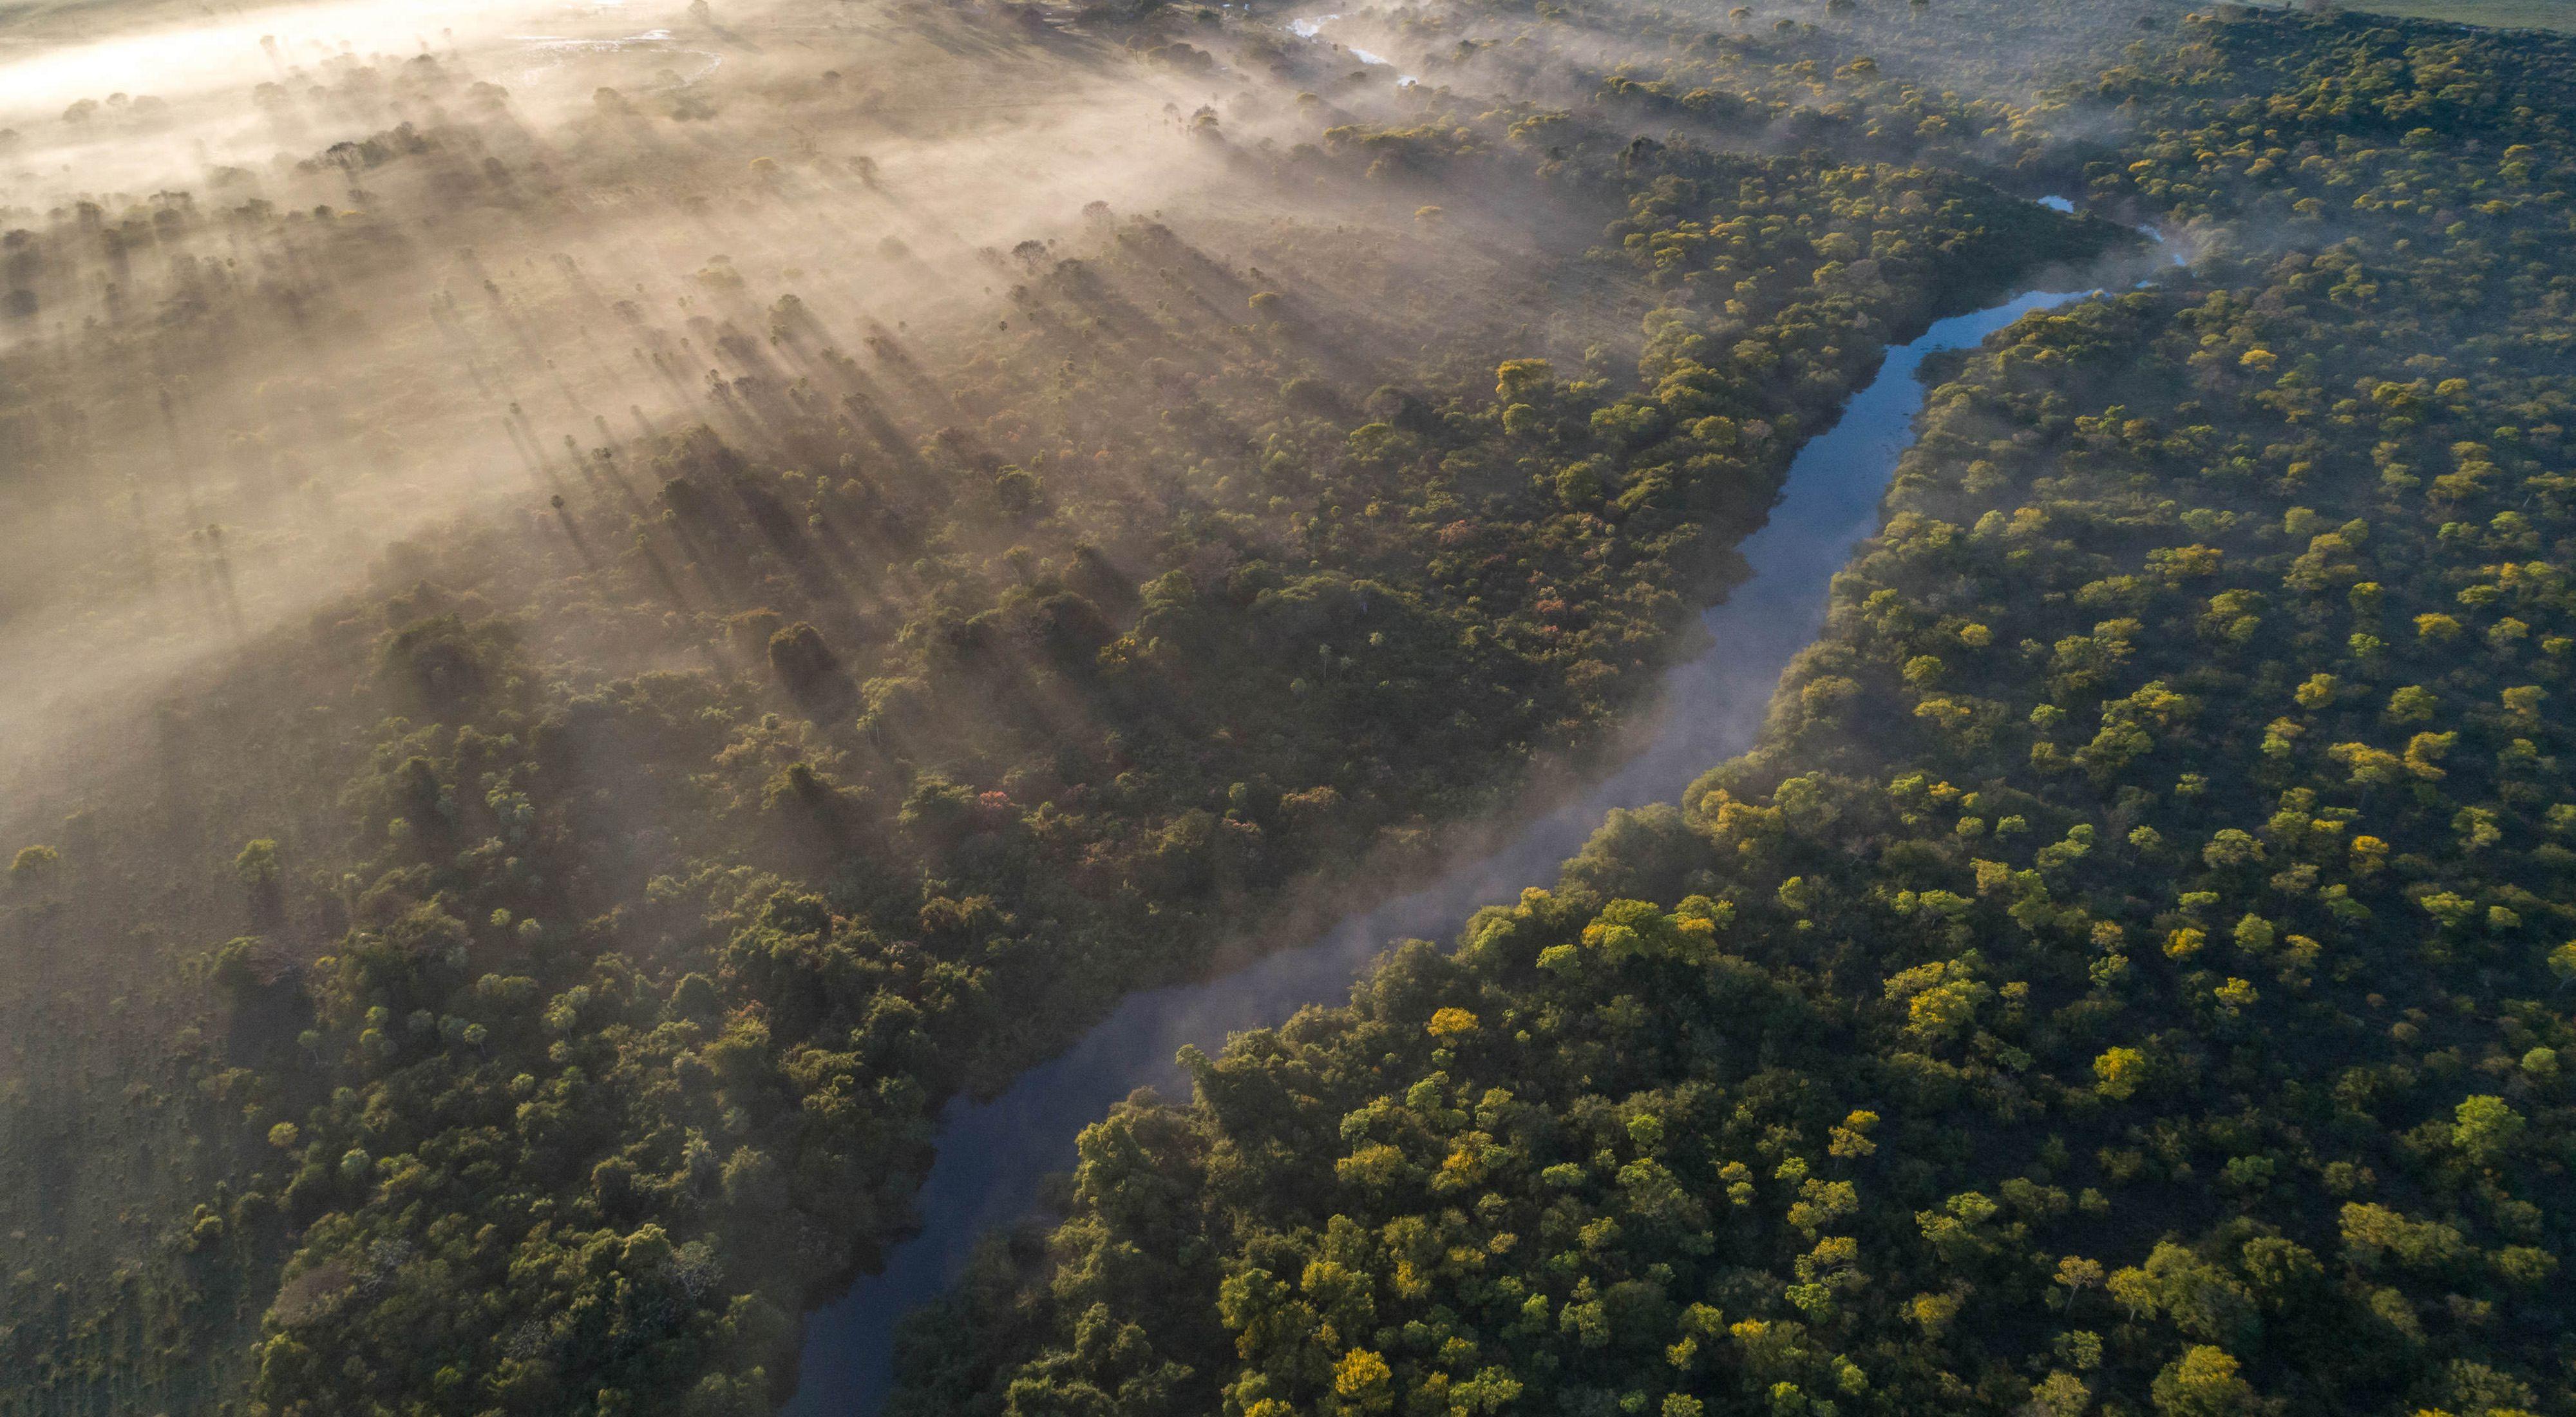 Margem de rio preservada no Pantanal.